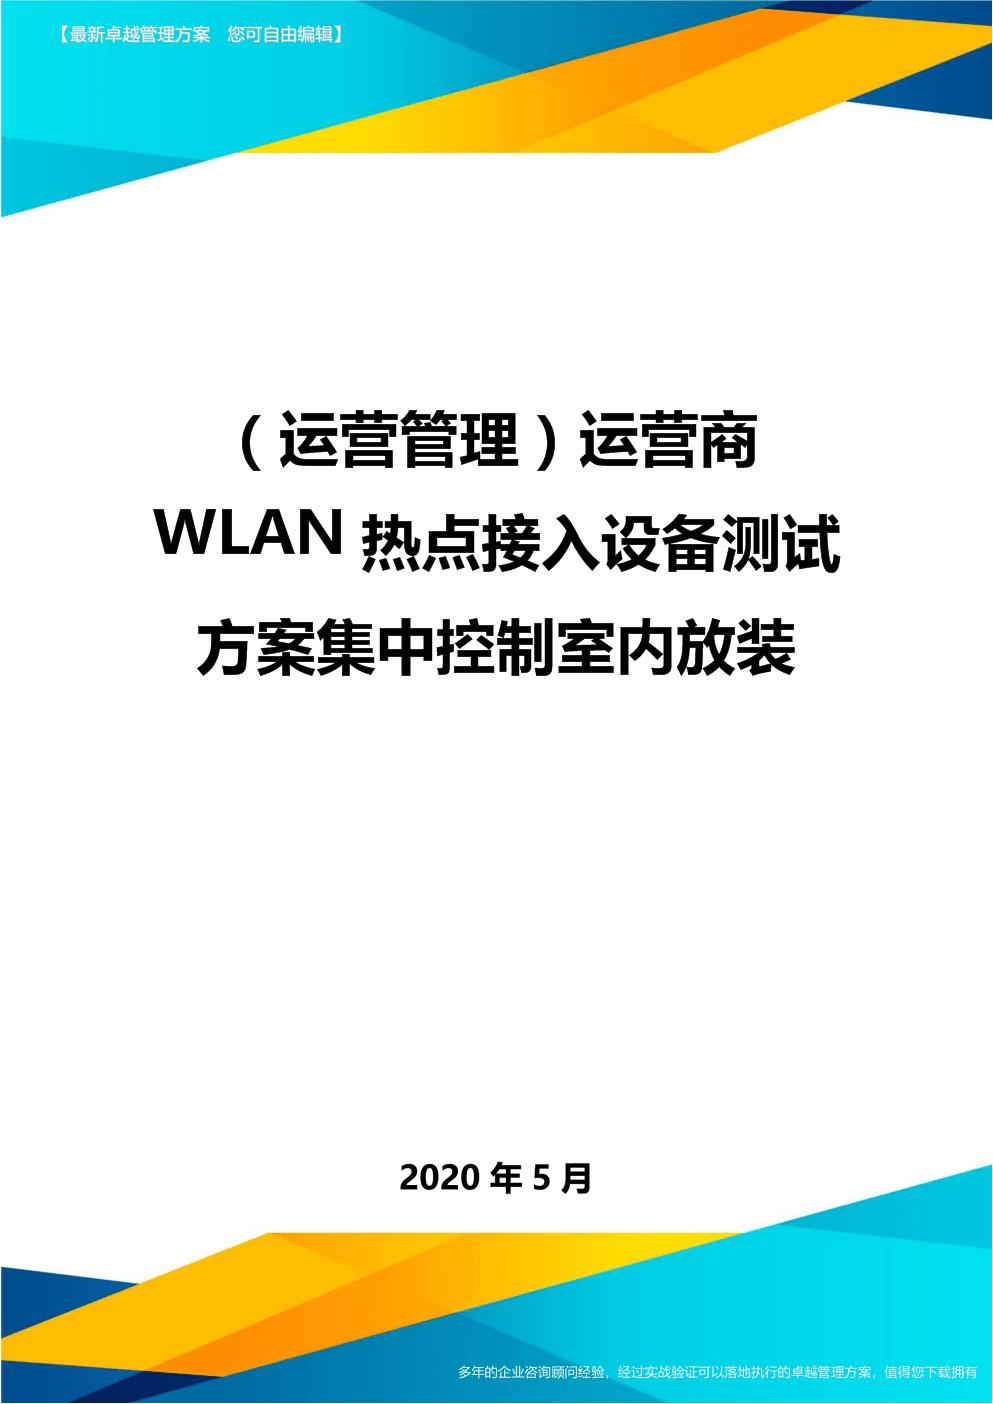 (運營管理)運營商WLAN熱點接入設備測試方案集中控制室內放裝.doc